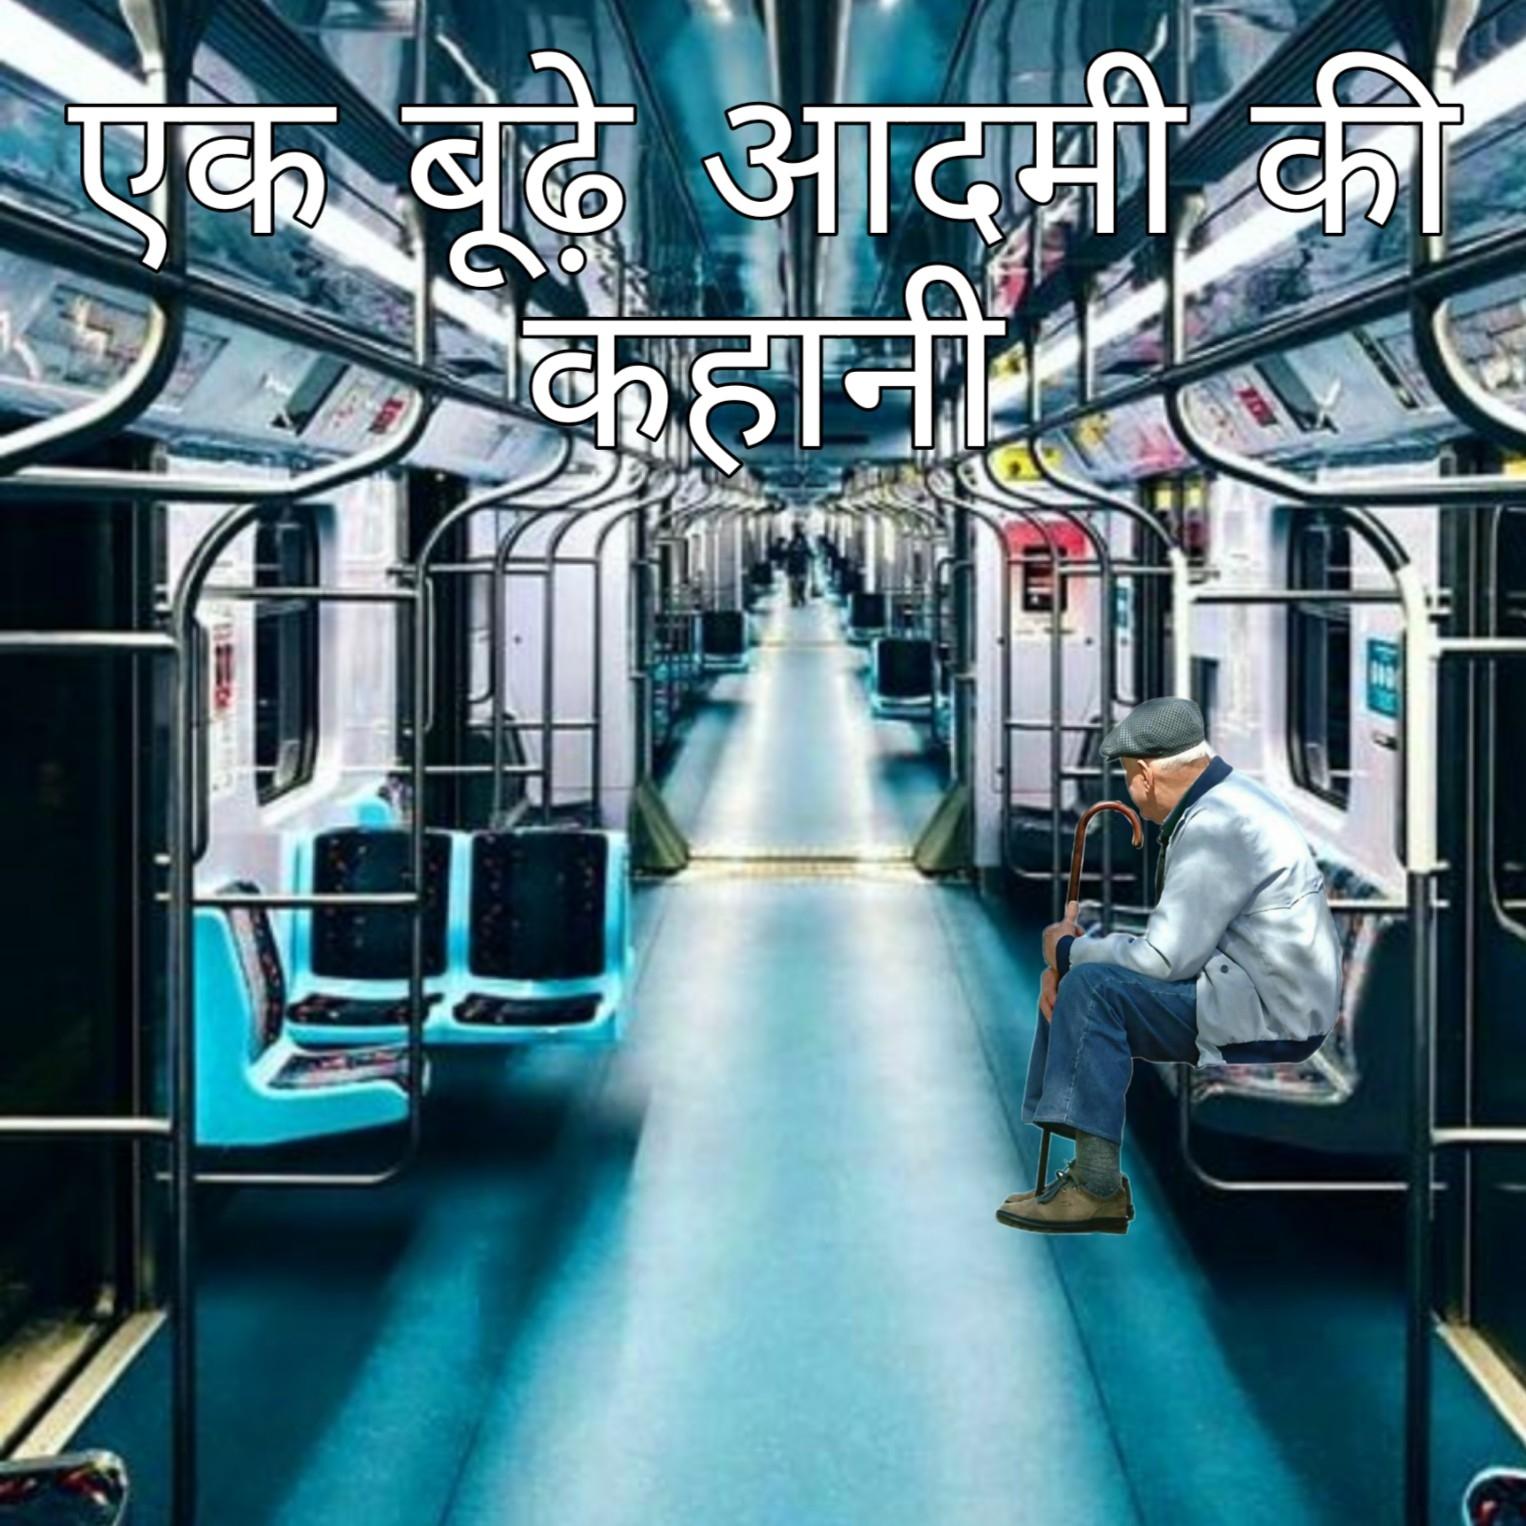 एक बूढ़े आदमी की कहानी - Story of an old man in Hindi